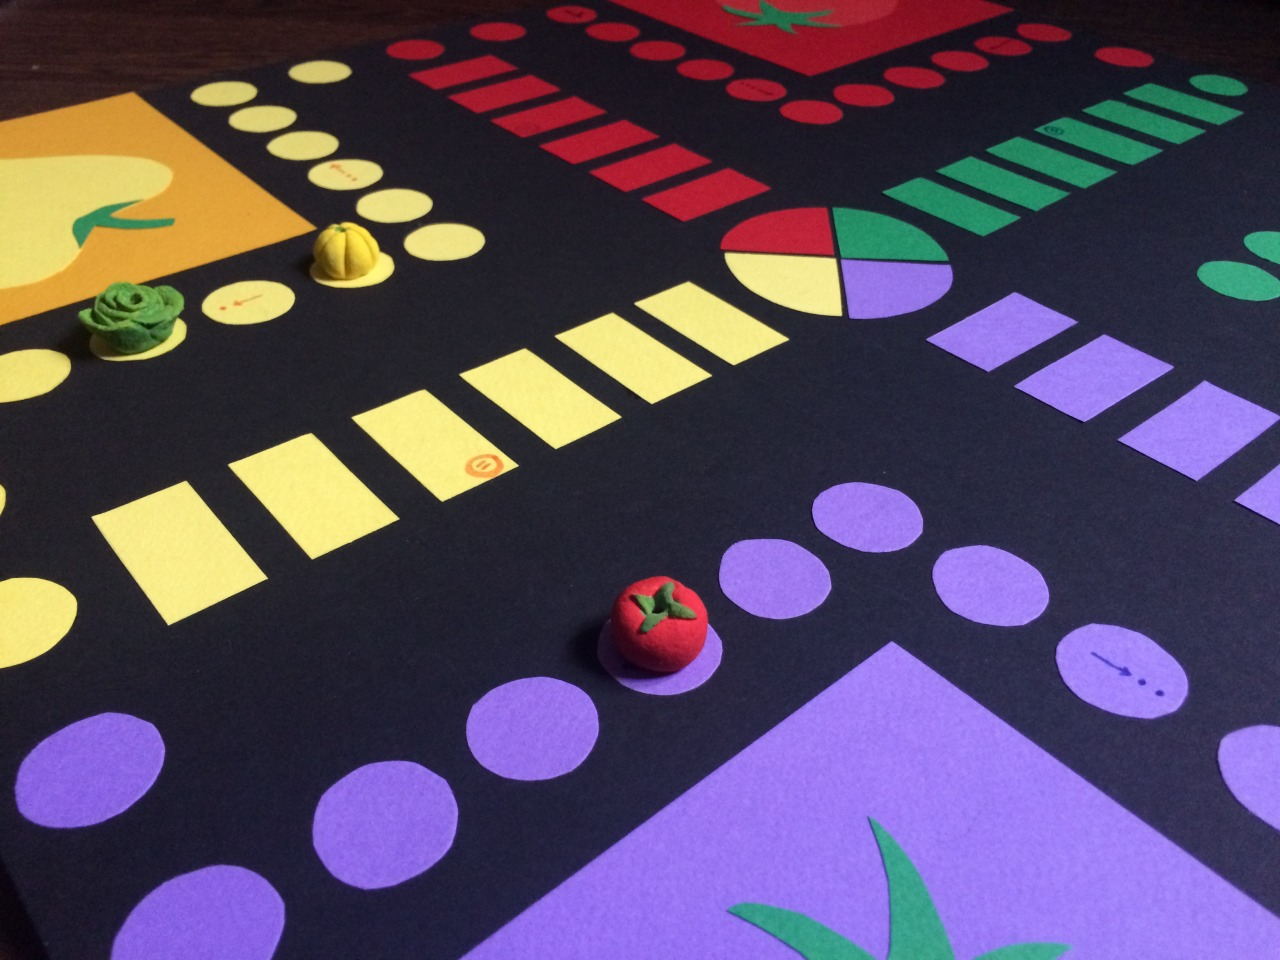 Fabriquer ses jouets #2 Faire un jeu de société - Trucs et astuces écolo